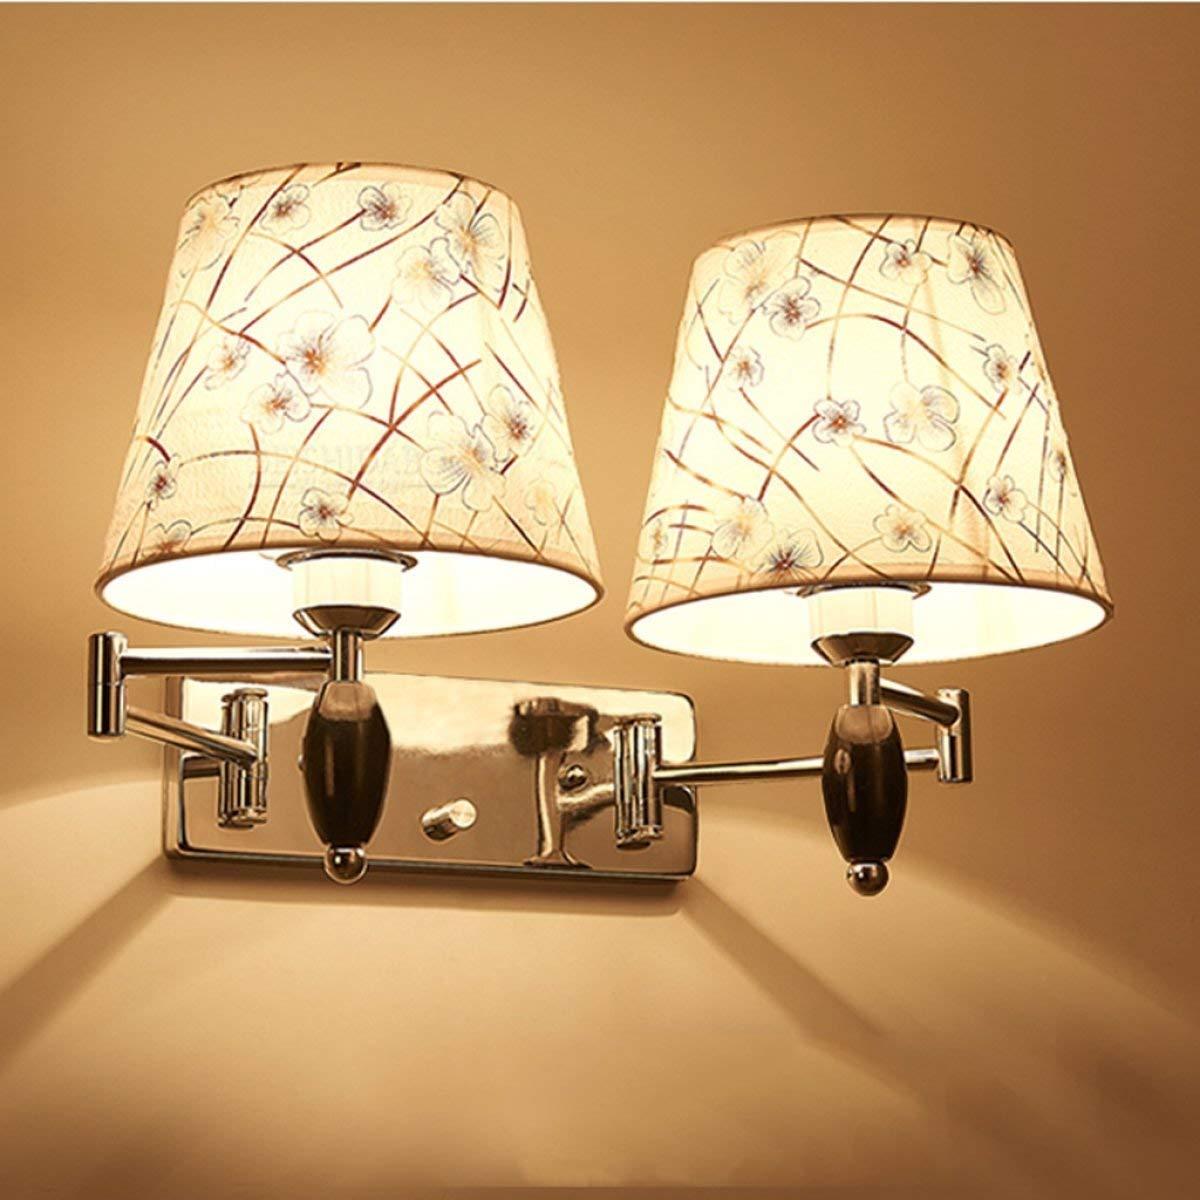 ヨーロッパの簡単な壁ランプの調光器スイッチEの光源 Guodishangmao (Color : C) B07TBSC6DB C